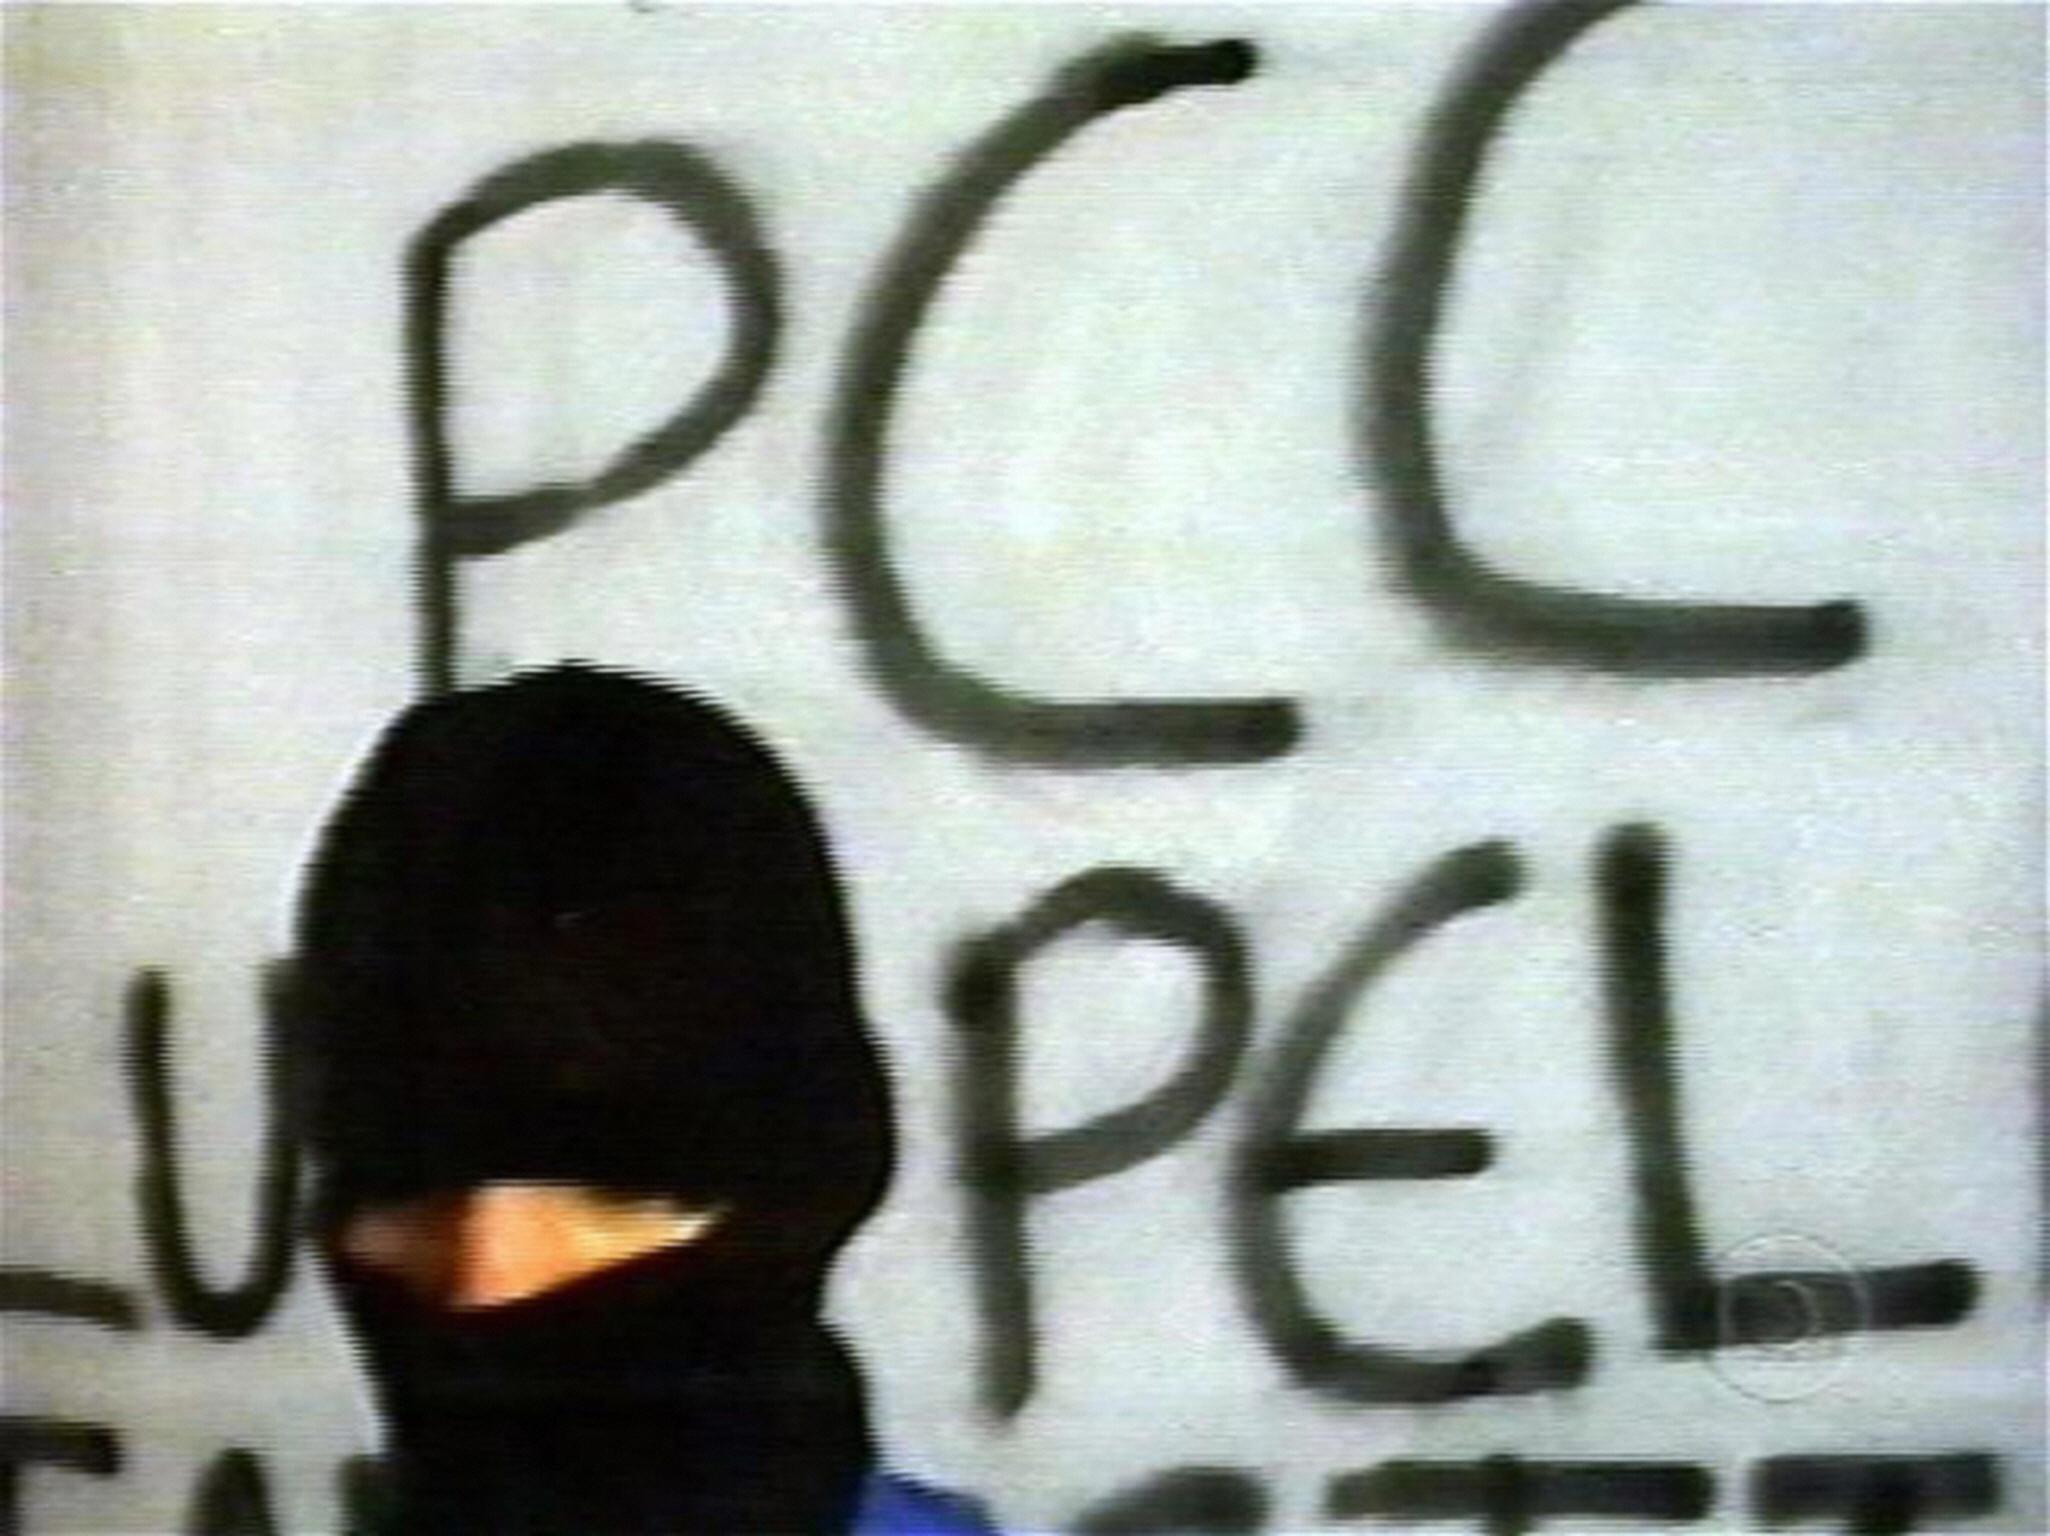 Marcola e lideranças do PCC são transferidos para presídio